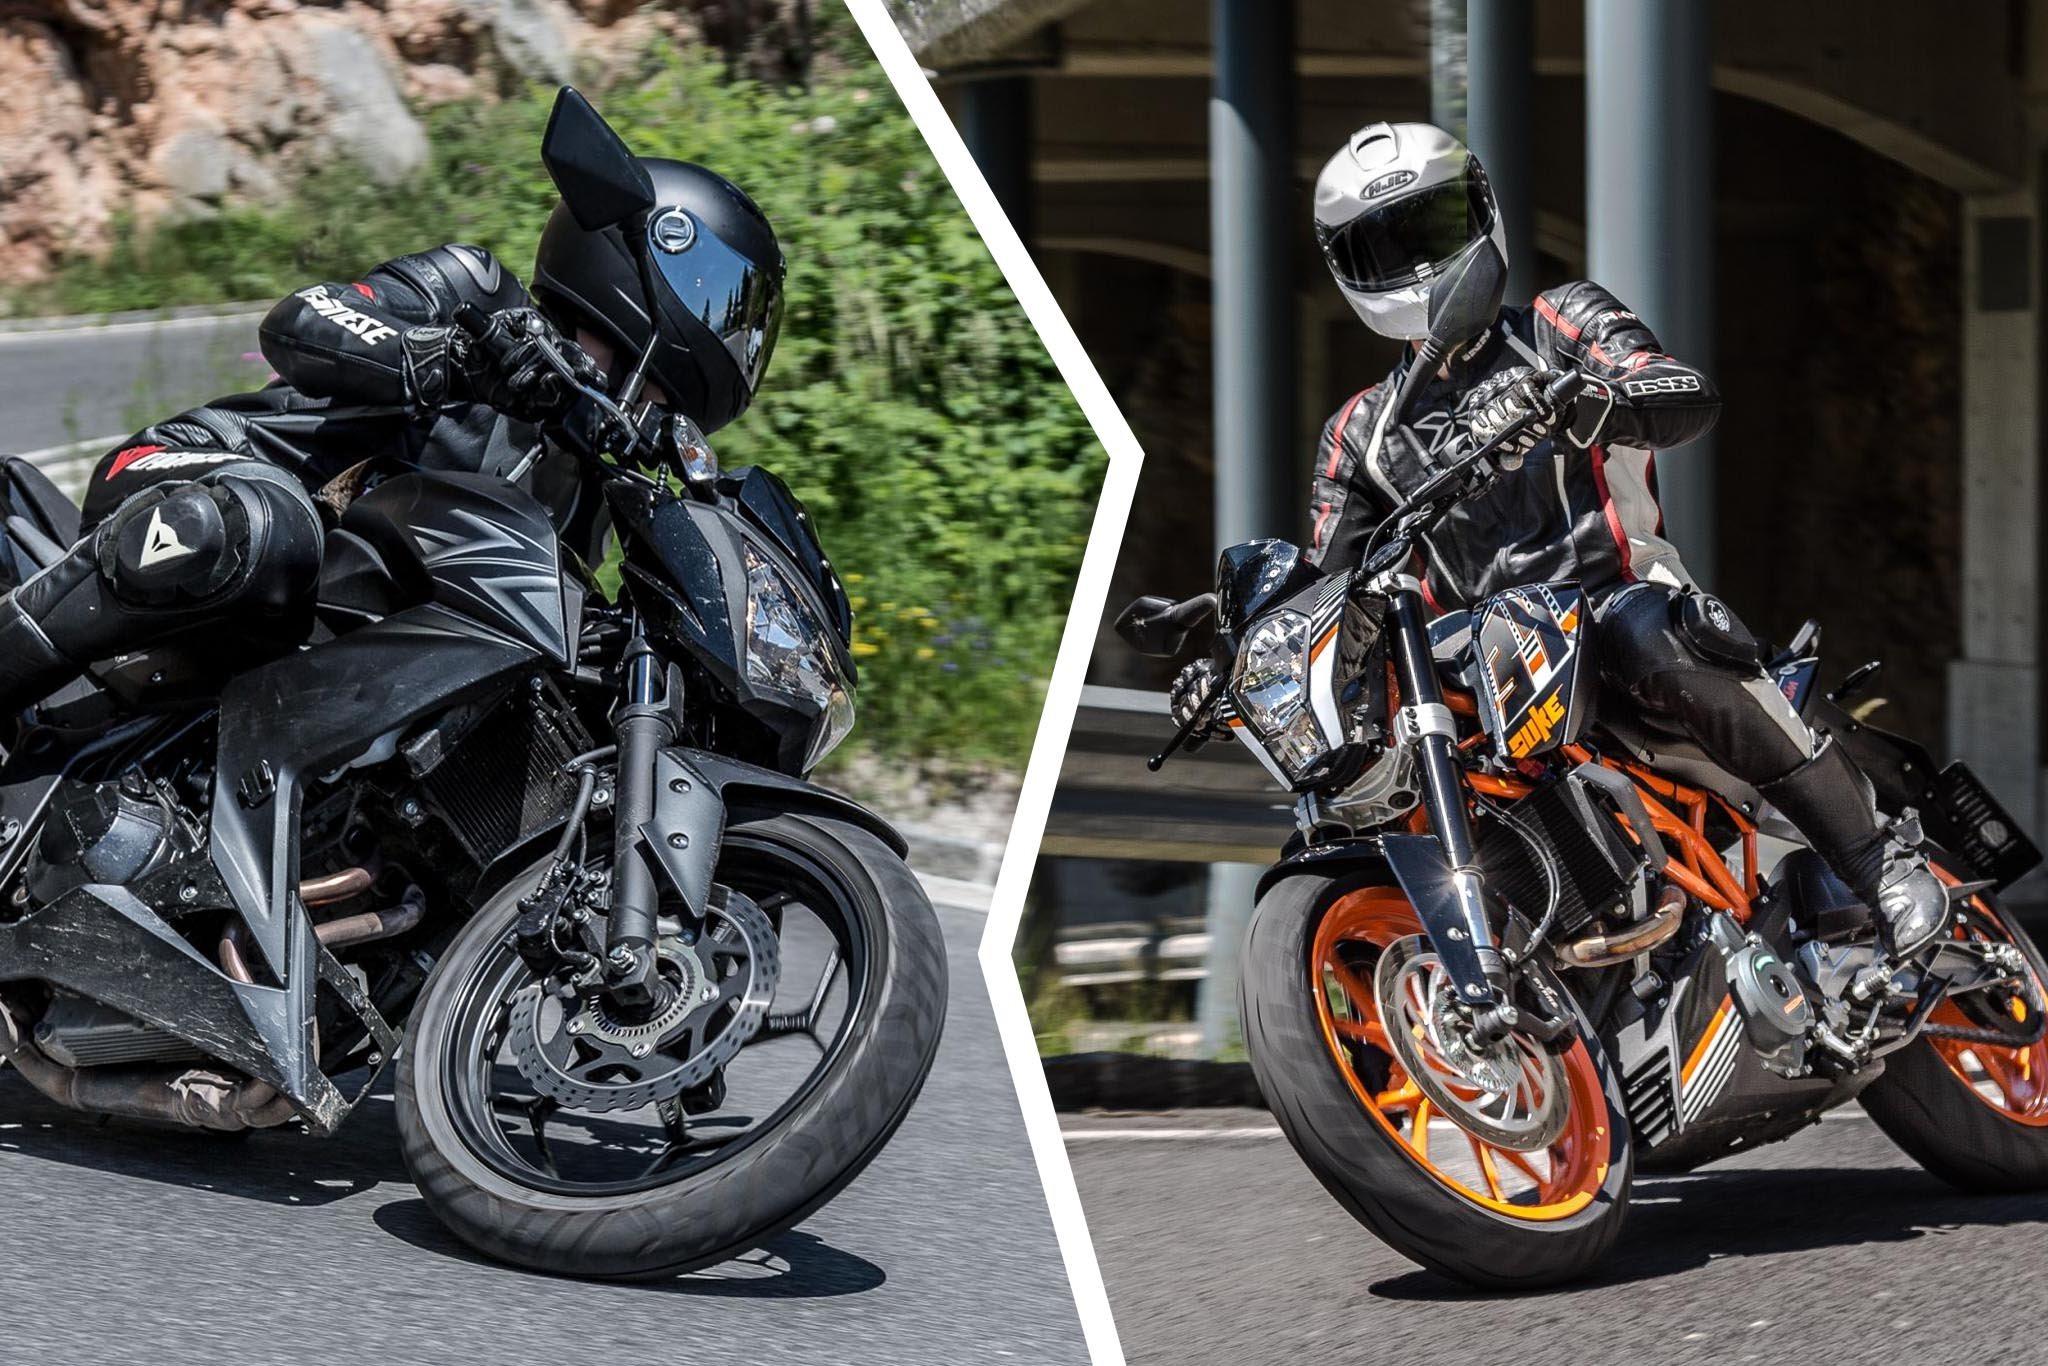 A2 Nakedbike Einsteigermotorrad 48 Ps Testbericht